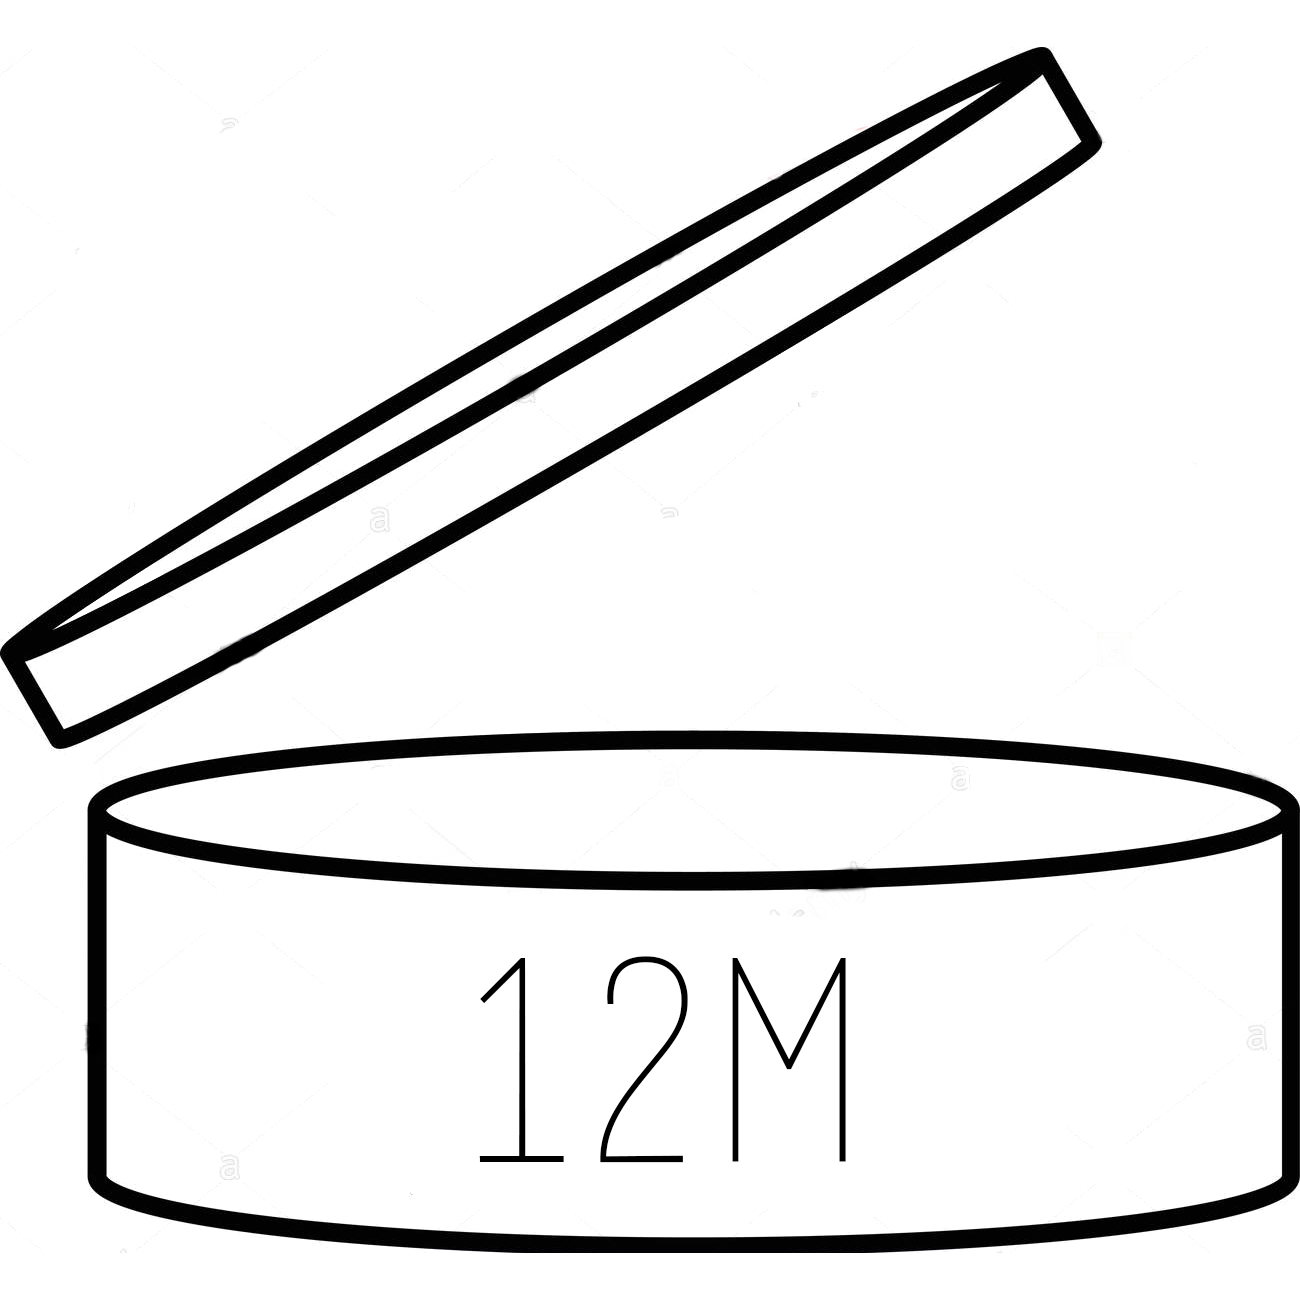 pao 12m